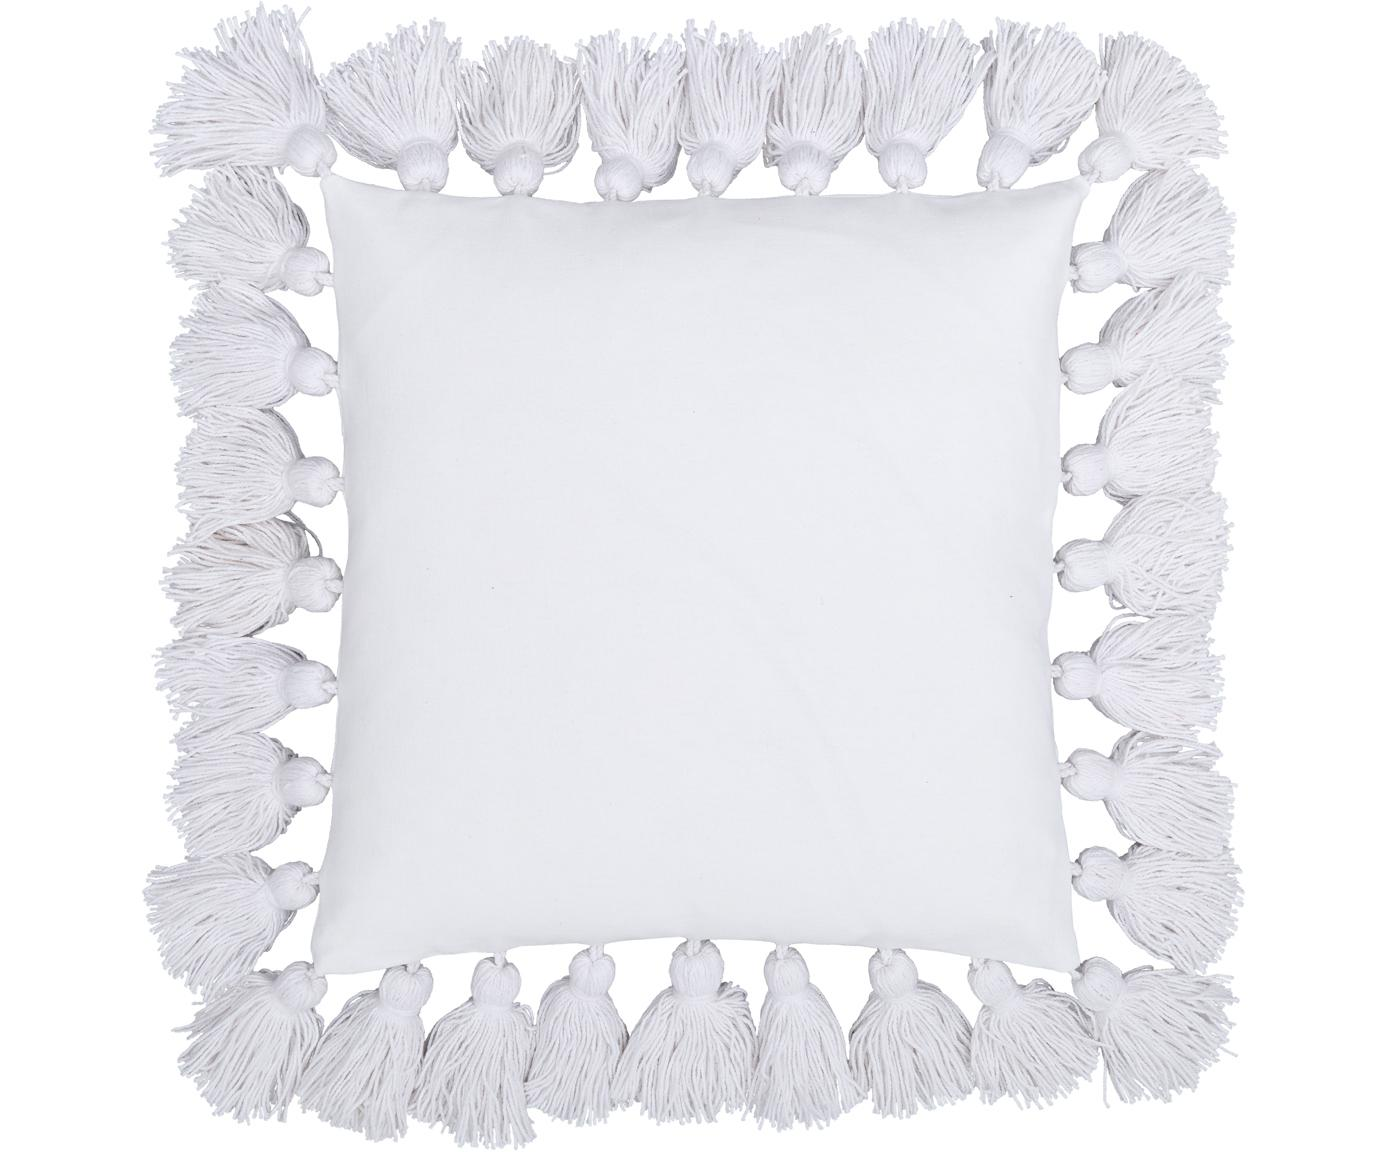 Kissenhülle Shylo mit Quasten, 100% Baumwolle, Cremeweiß, 40 x 40 cm